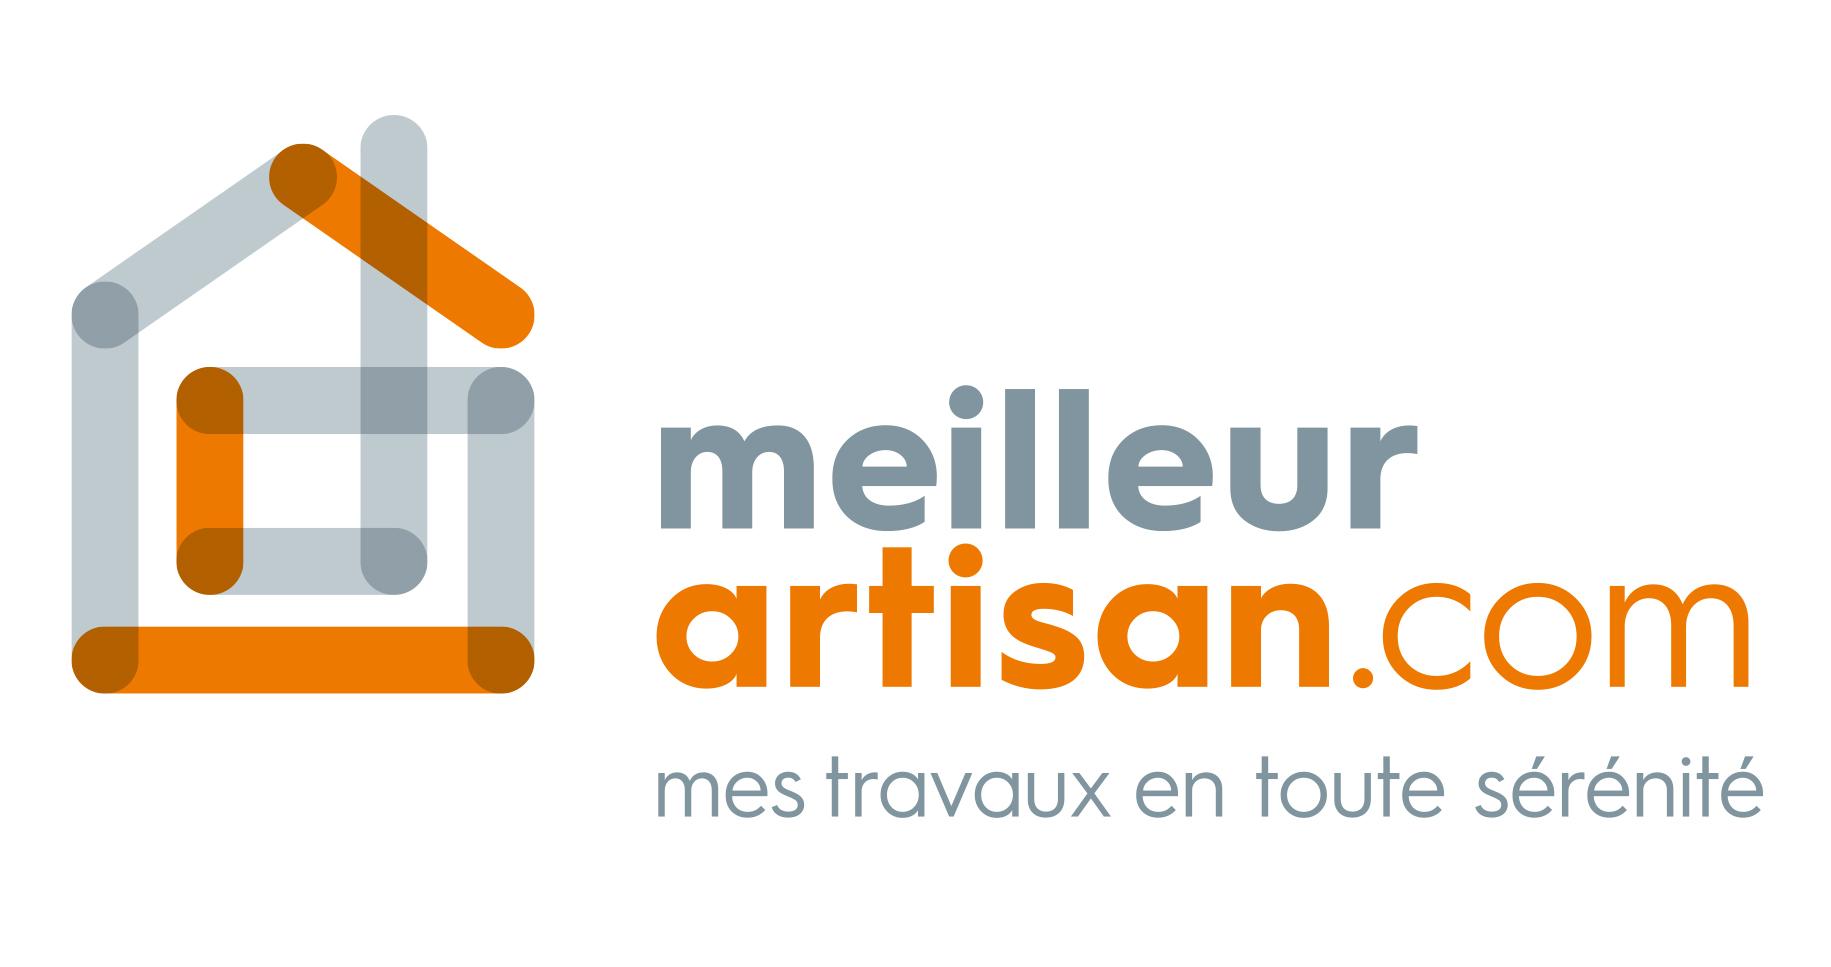 Maison Des Travaux Avis liste de sites de demande de devis travaux en ligne